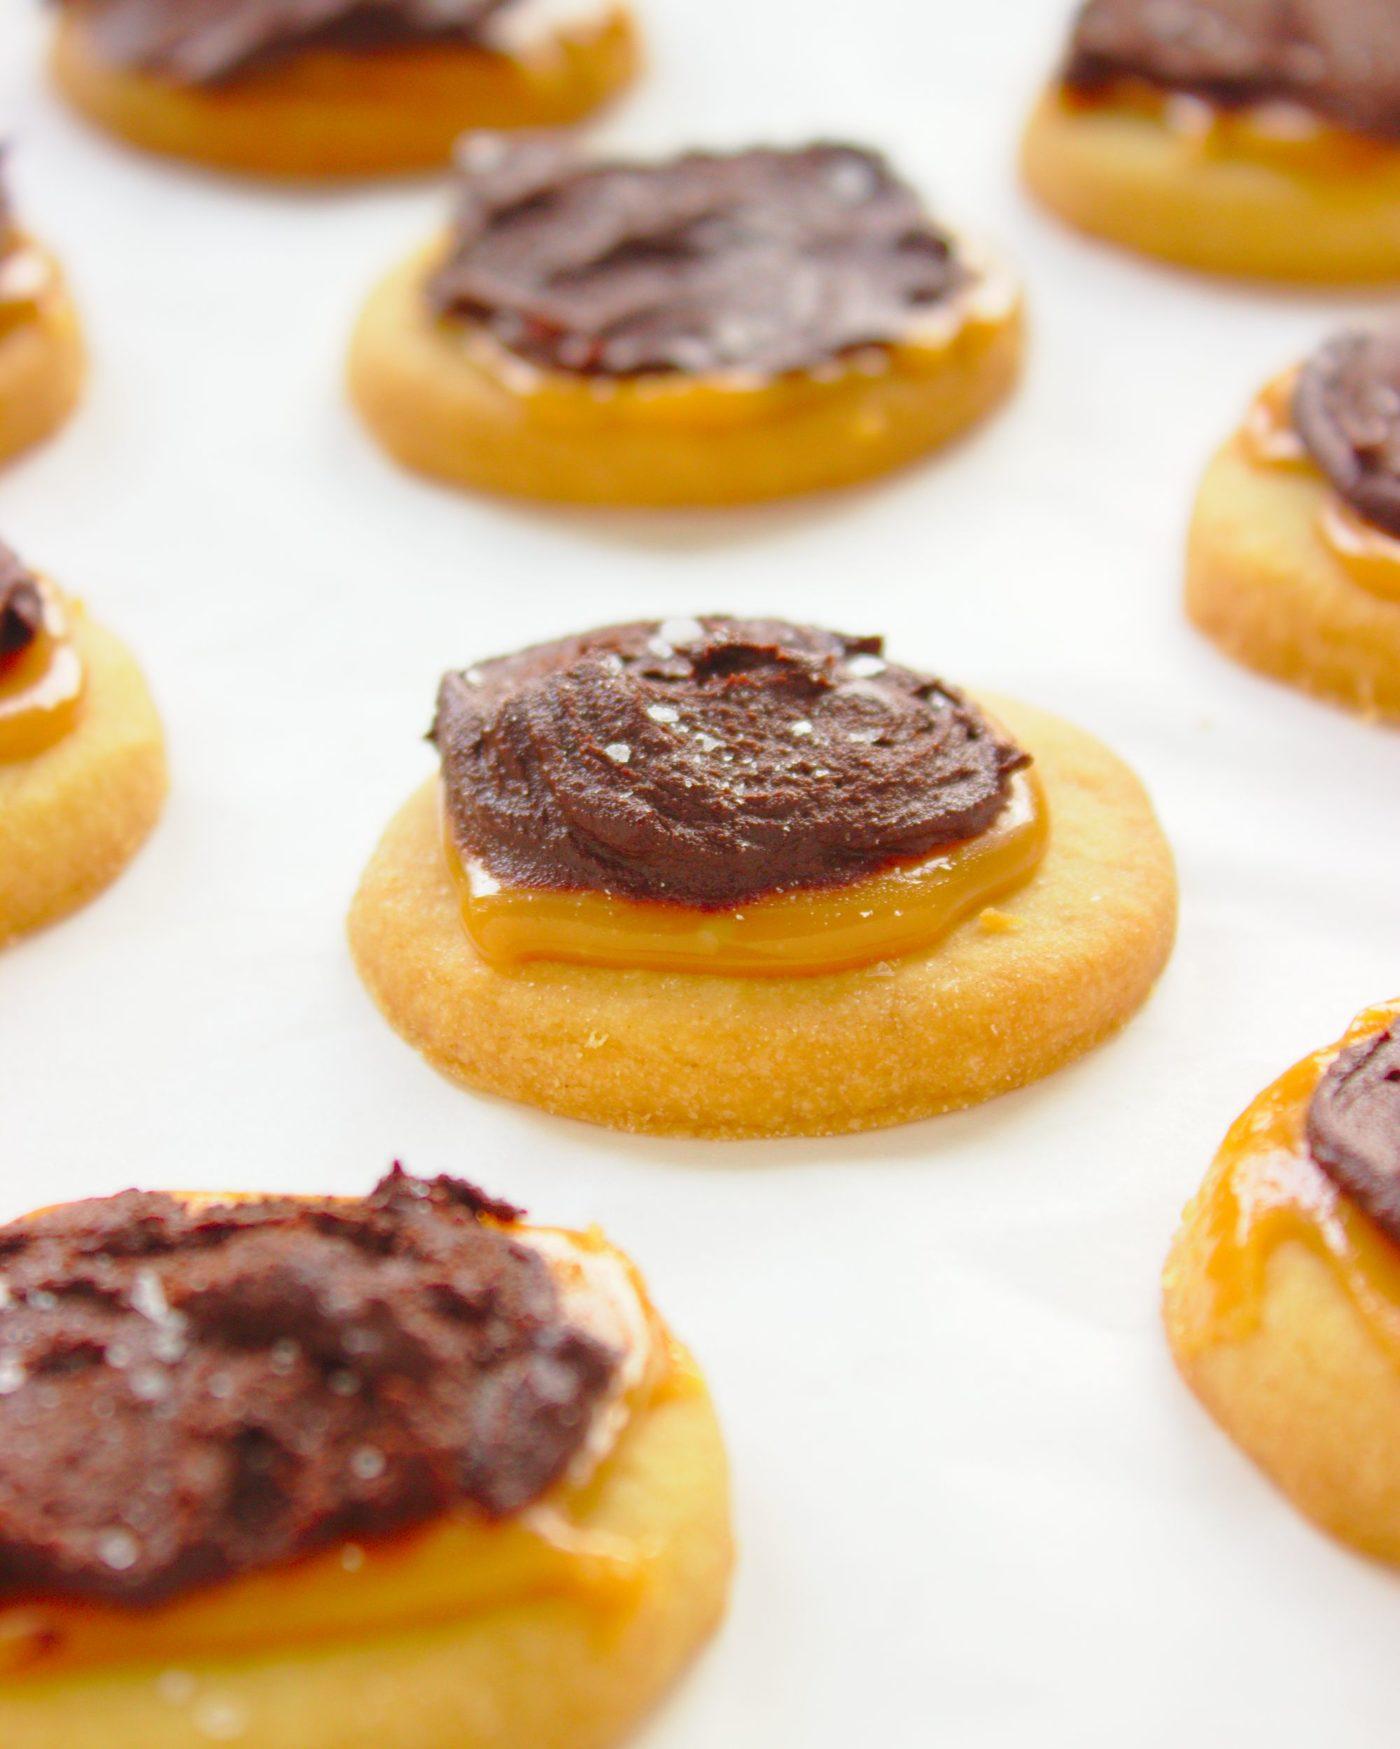 Kruche ciasteczka Twix z czekoladą i karmelem